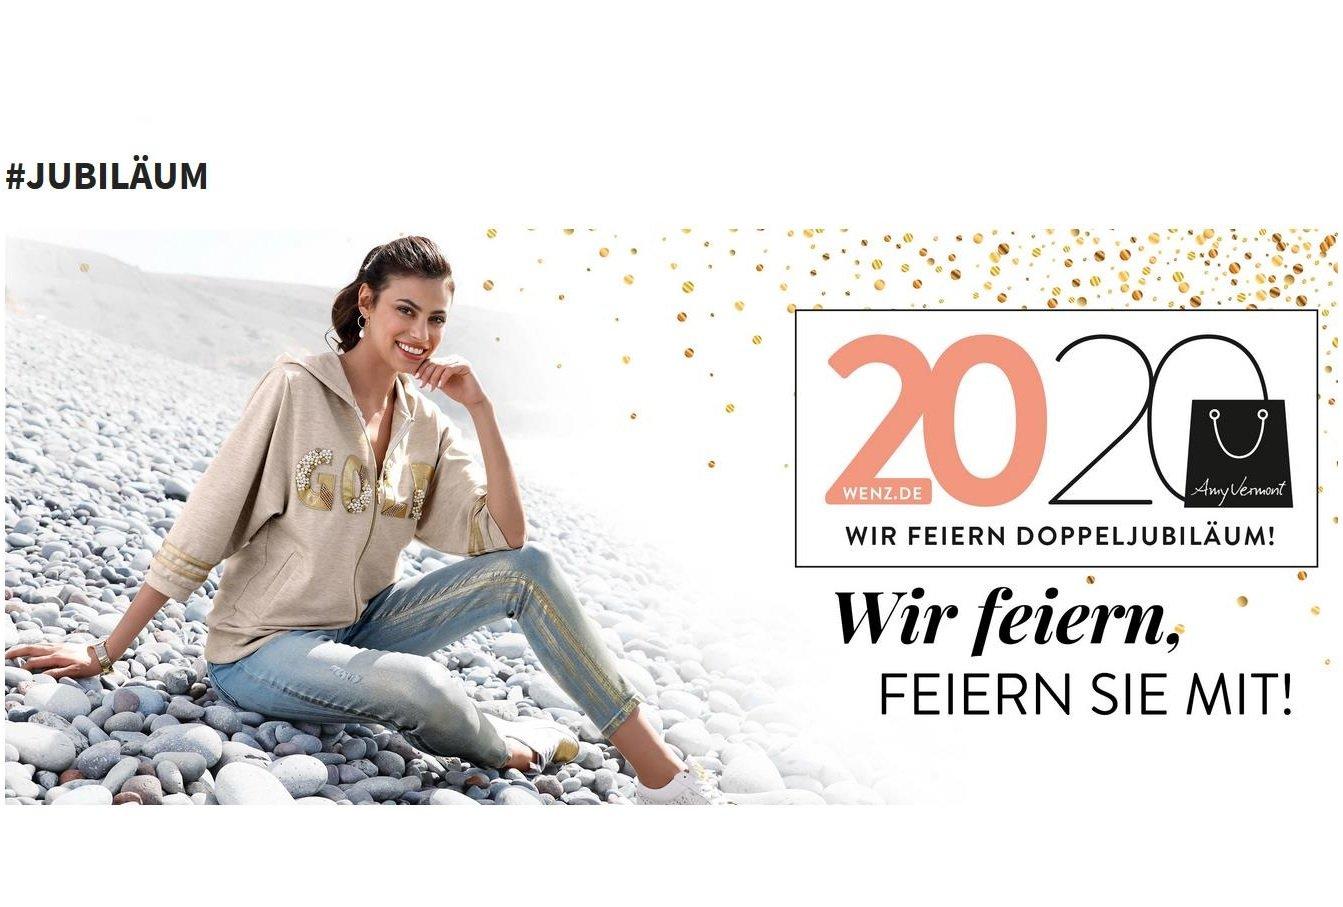 2020 Presse KLiNGEL Gruppe - WENZ Doppeljubiläum - WENZ Onlineshop und Amy Vermont